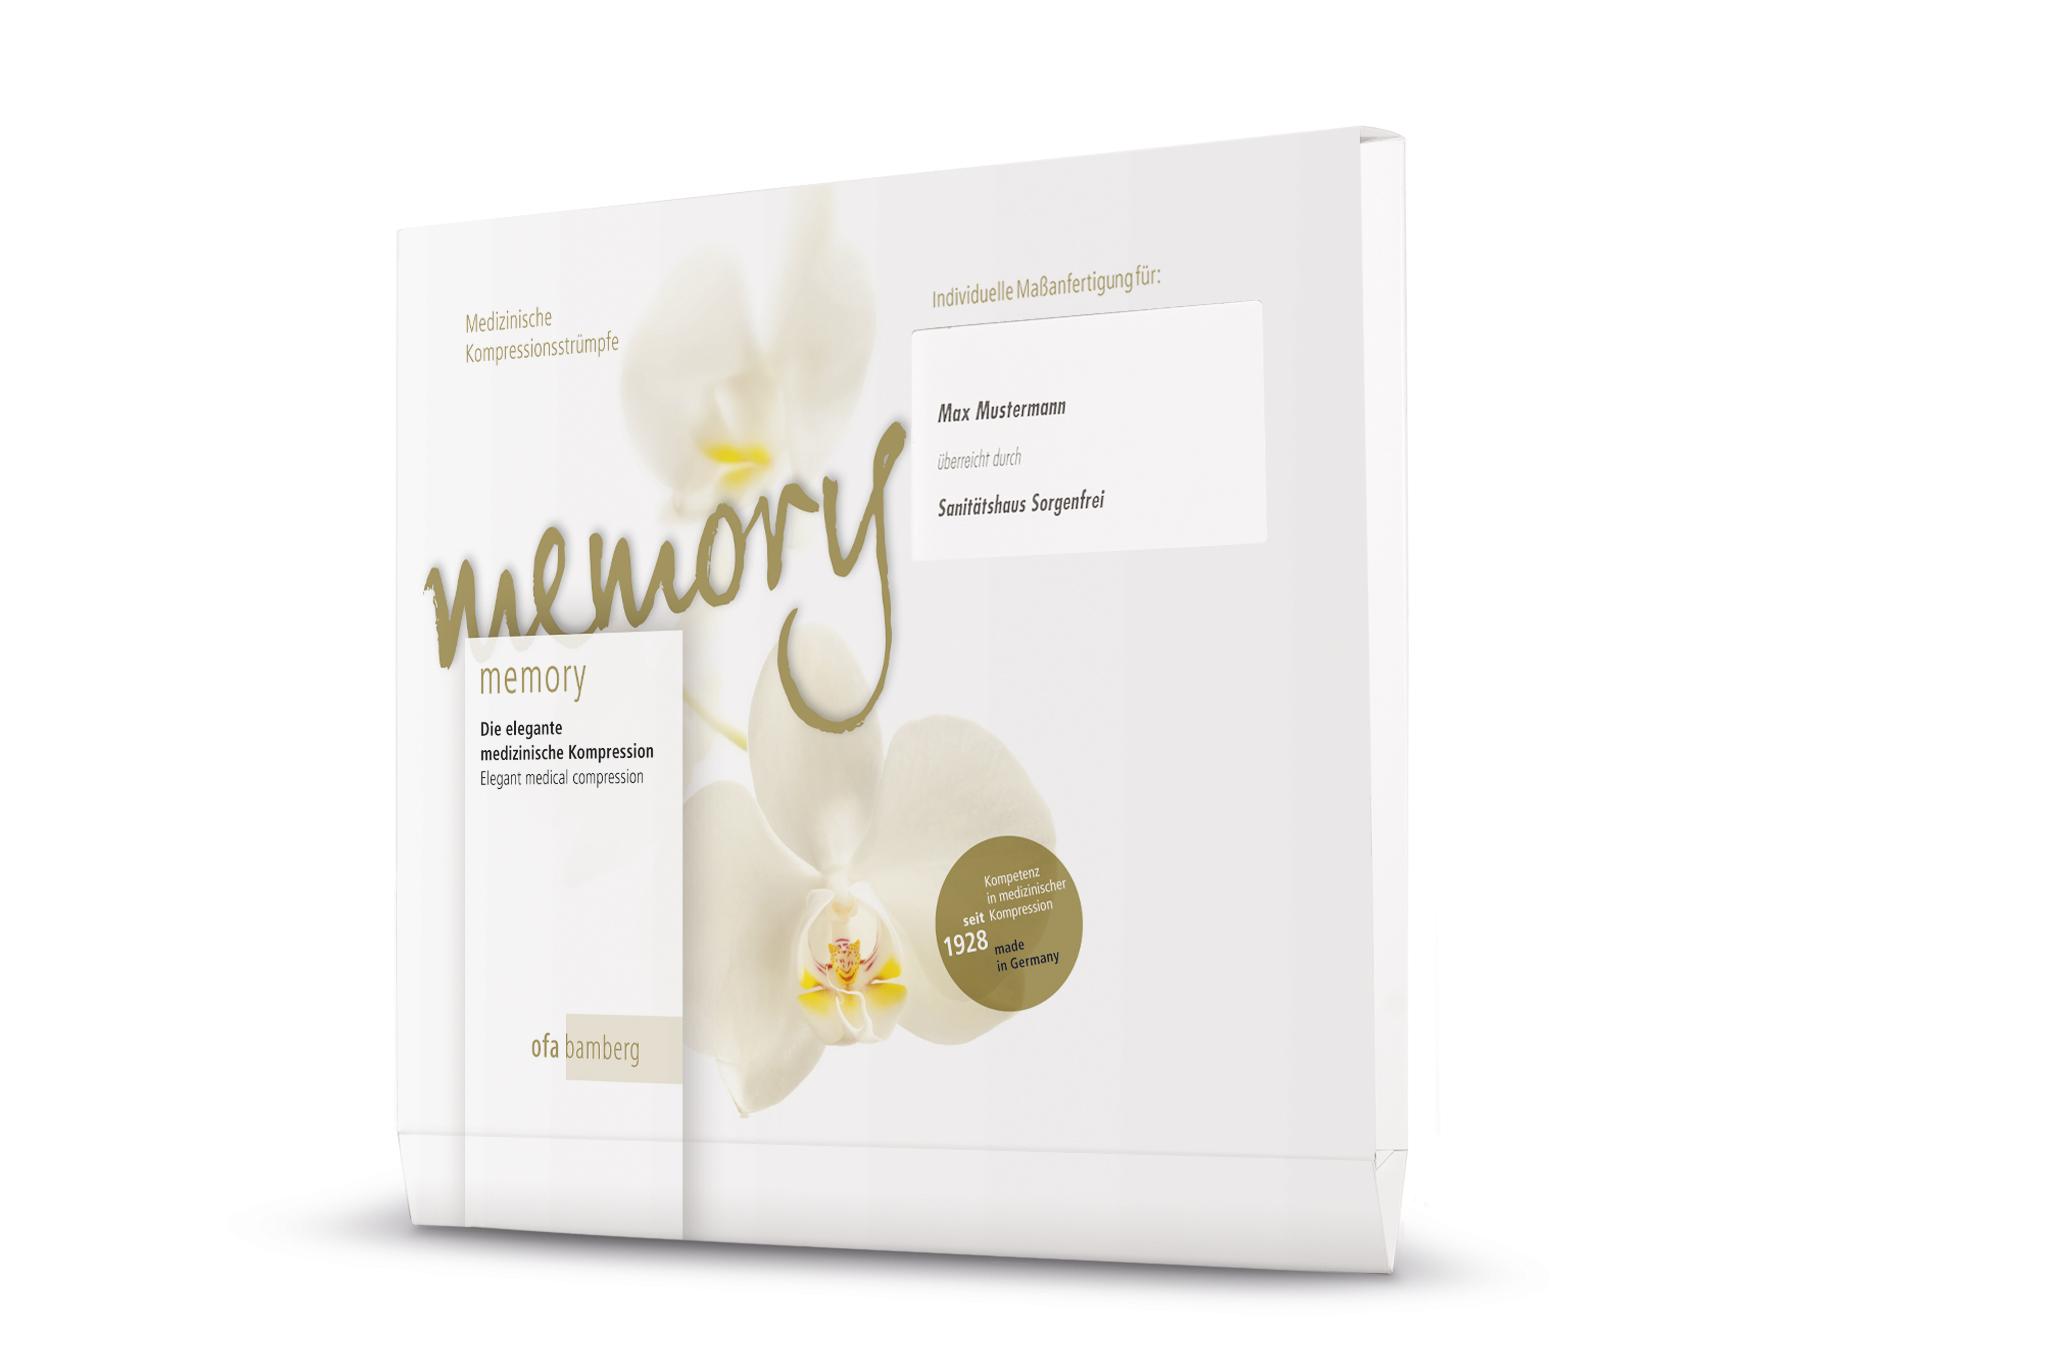 Memory Serie